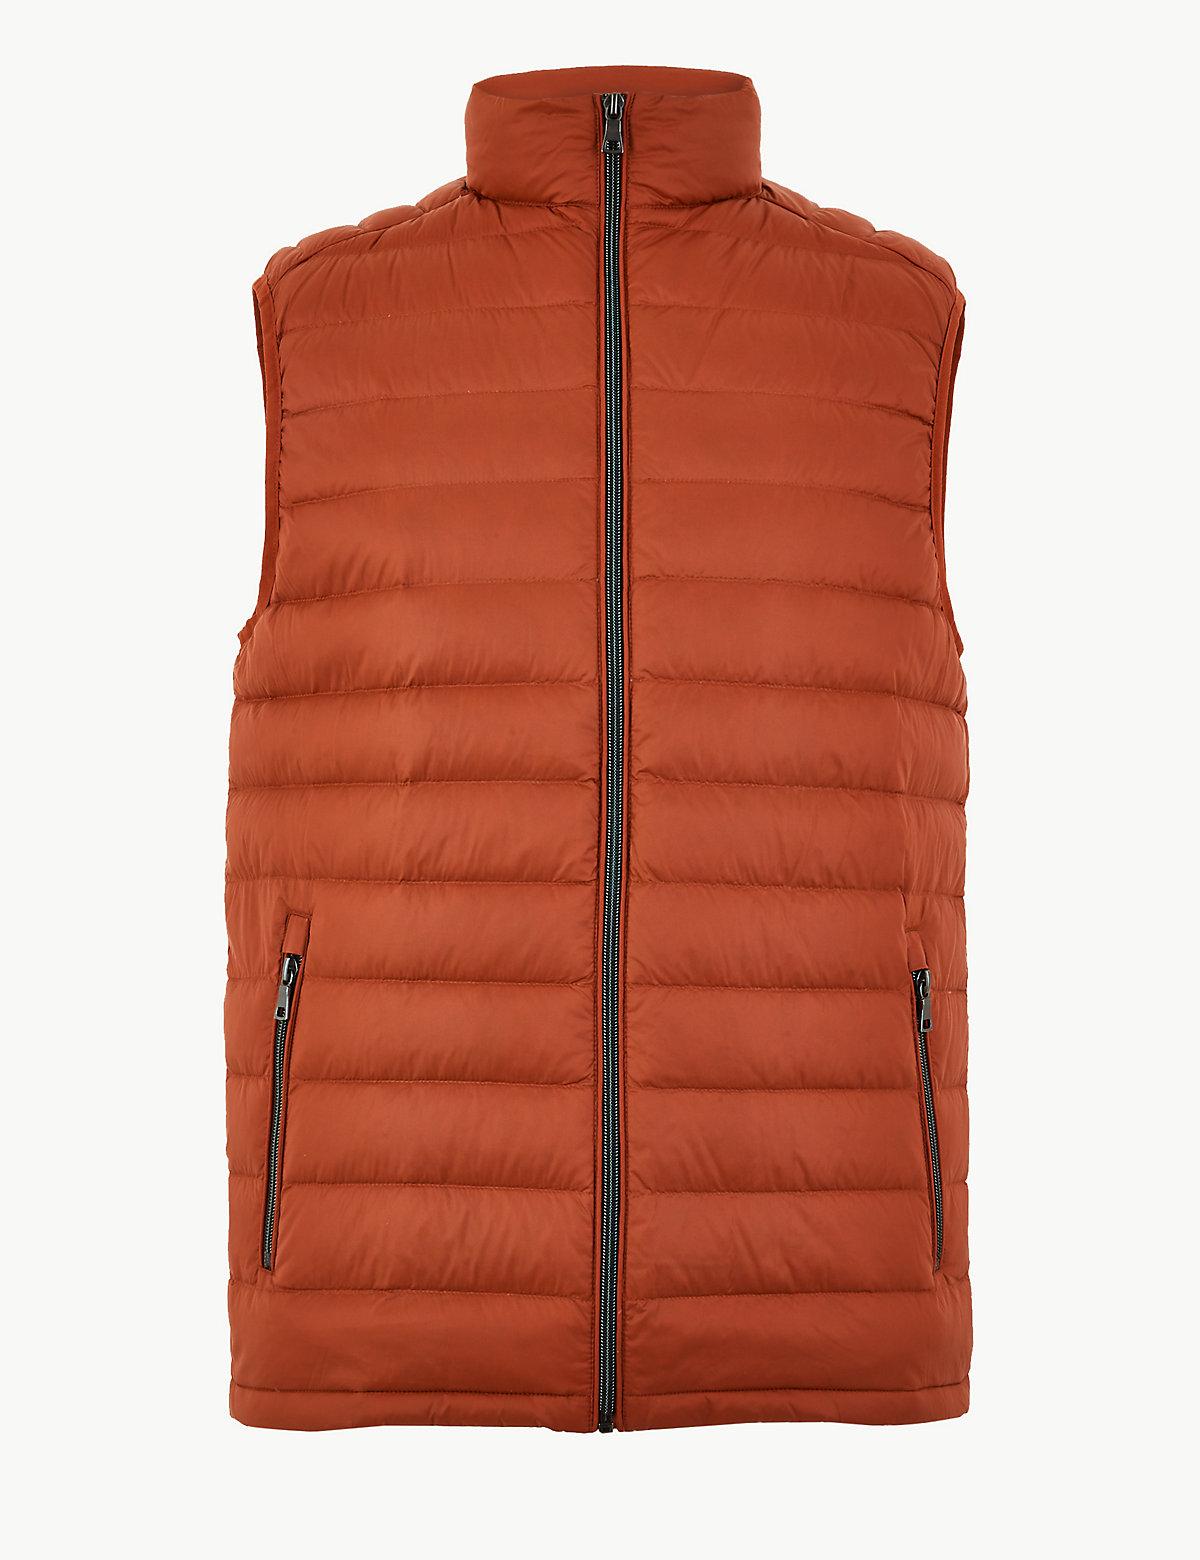 Мужской жилет с технологией Stormwear™ M&S Collection. Цвет: осенний лист